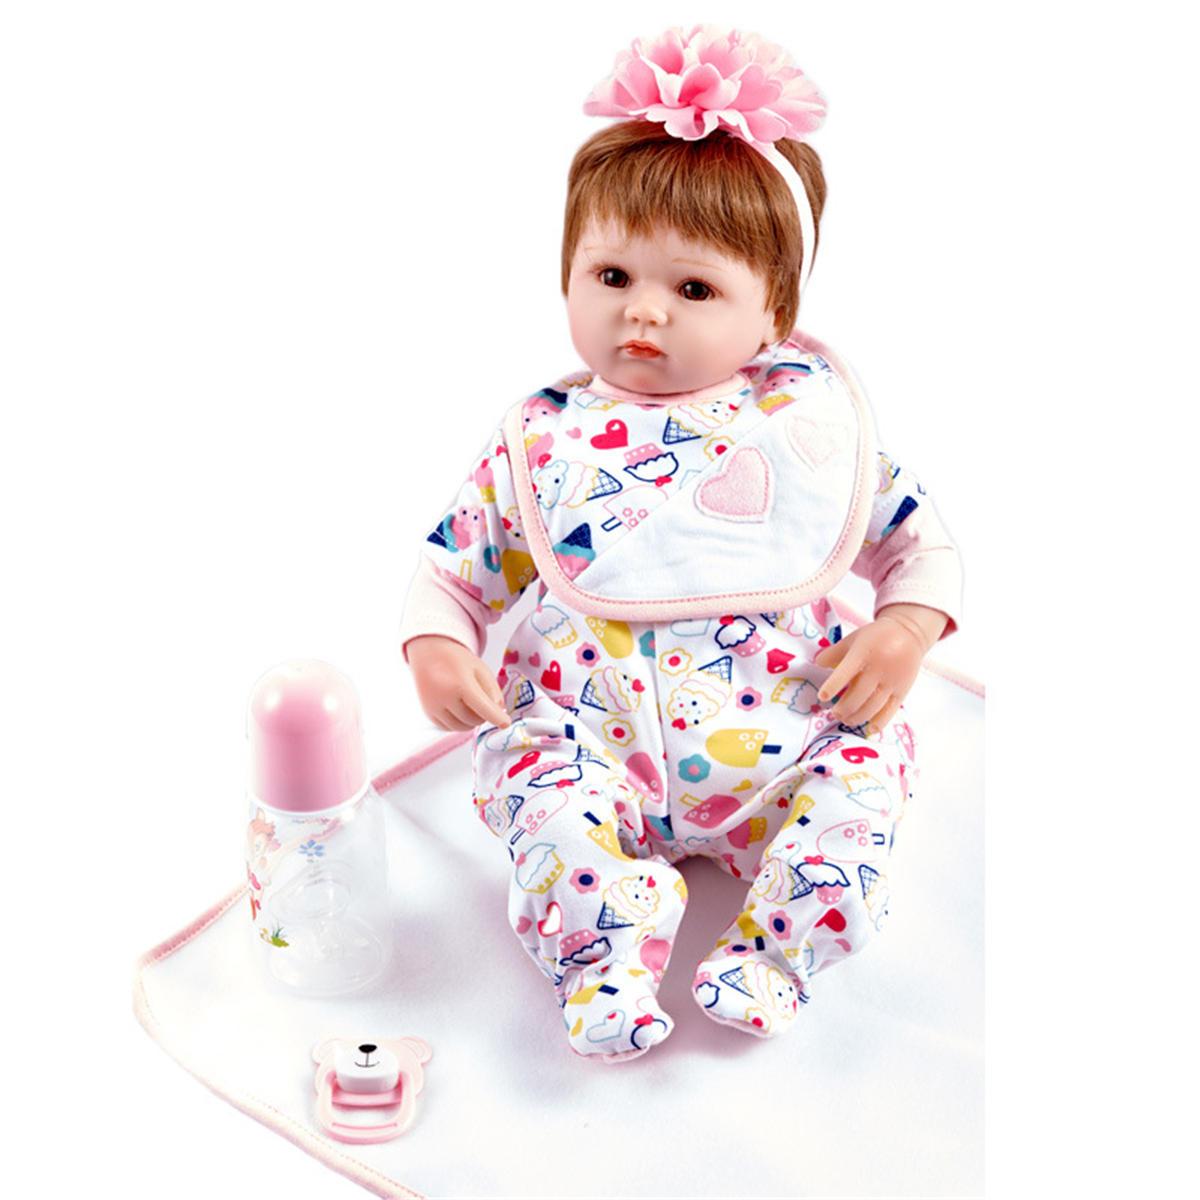 Muñeca recién nacida hecha a mano de niña recién nacida hecha a mano Silicona Vinilo Muñeca bebé de regalo